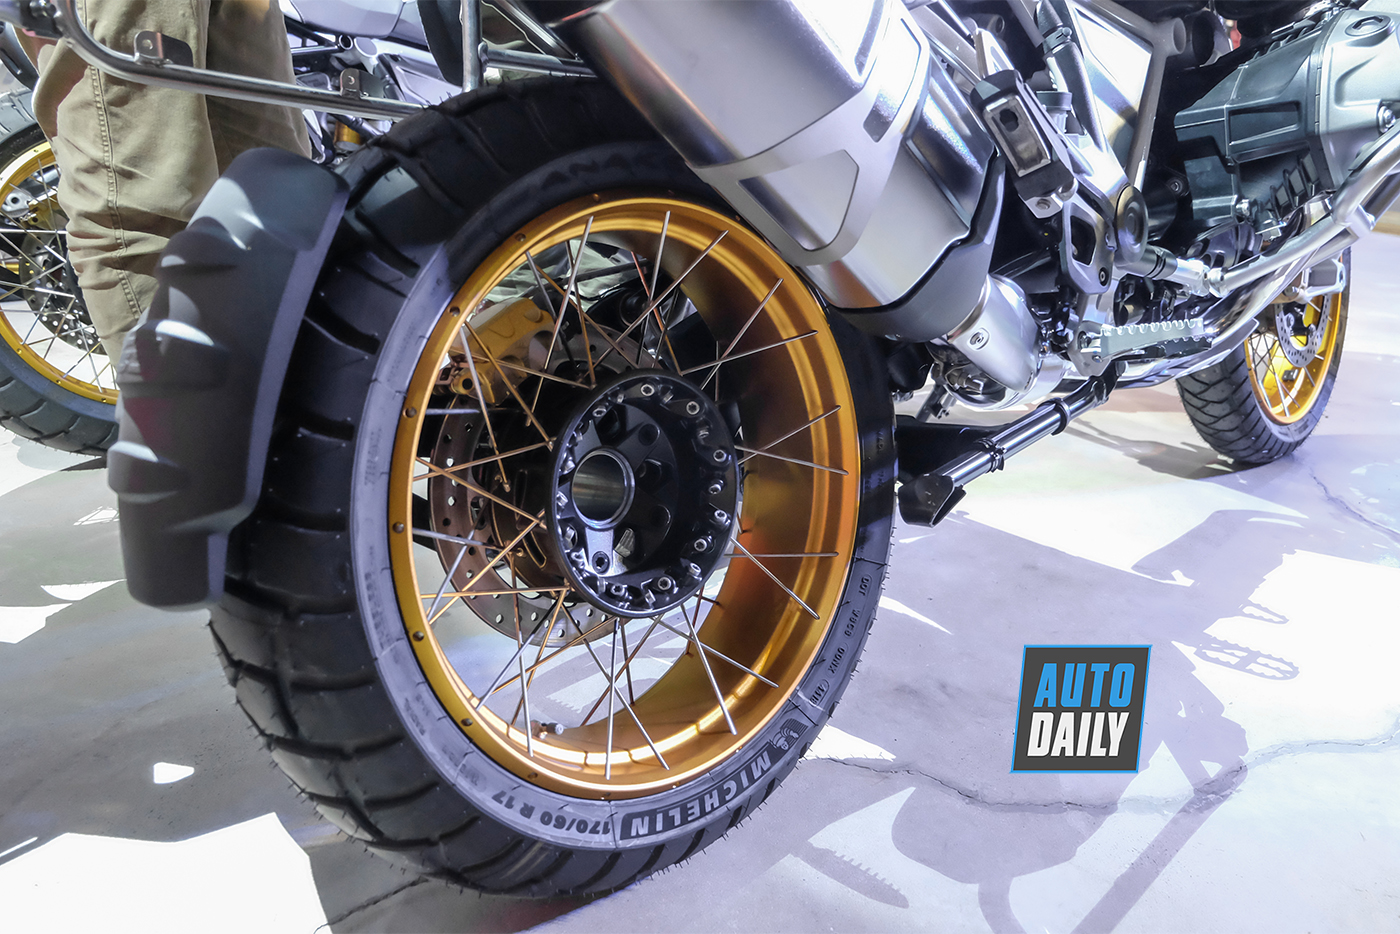 bmw-motorrad-r-1250-gsa-2019-59.jpg